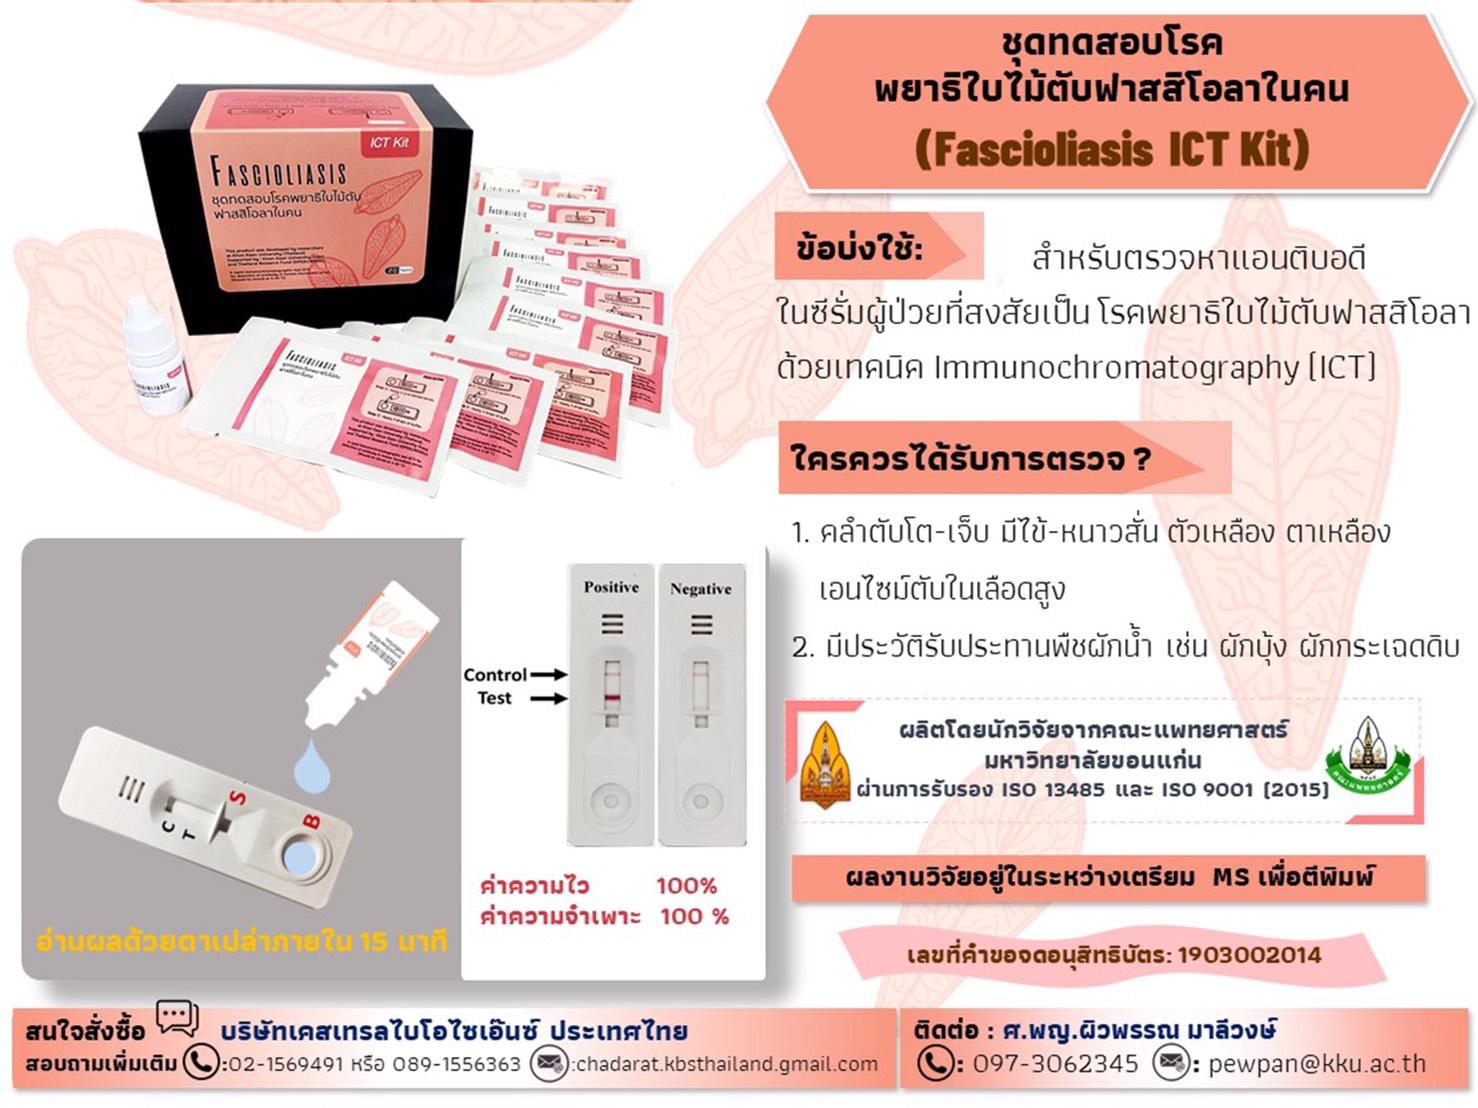 ชุดทดสอบโรคพยาธิใบไม้ตับฟาสสิโอลาในคน (Fascioliasis ICT Kit)